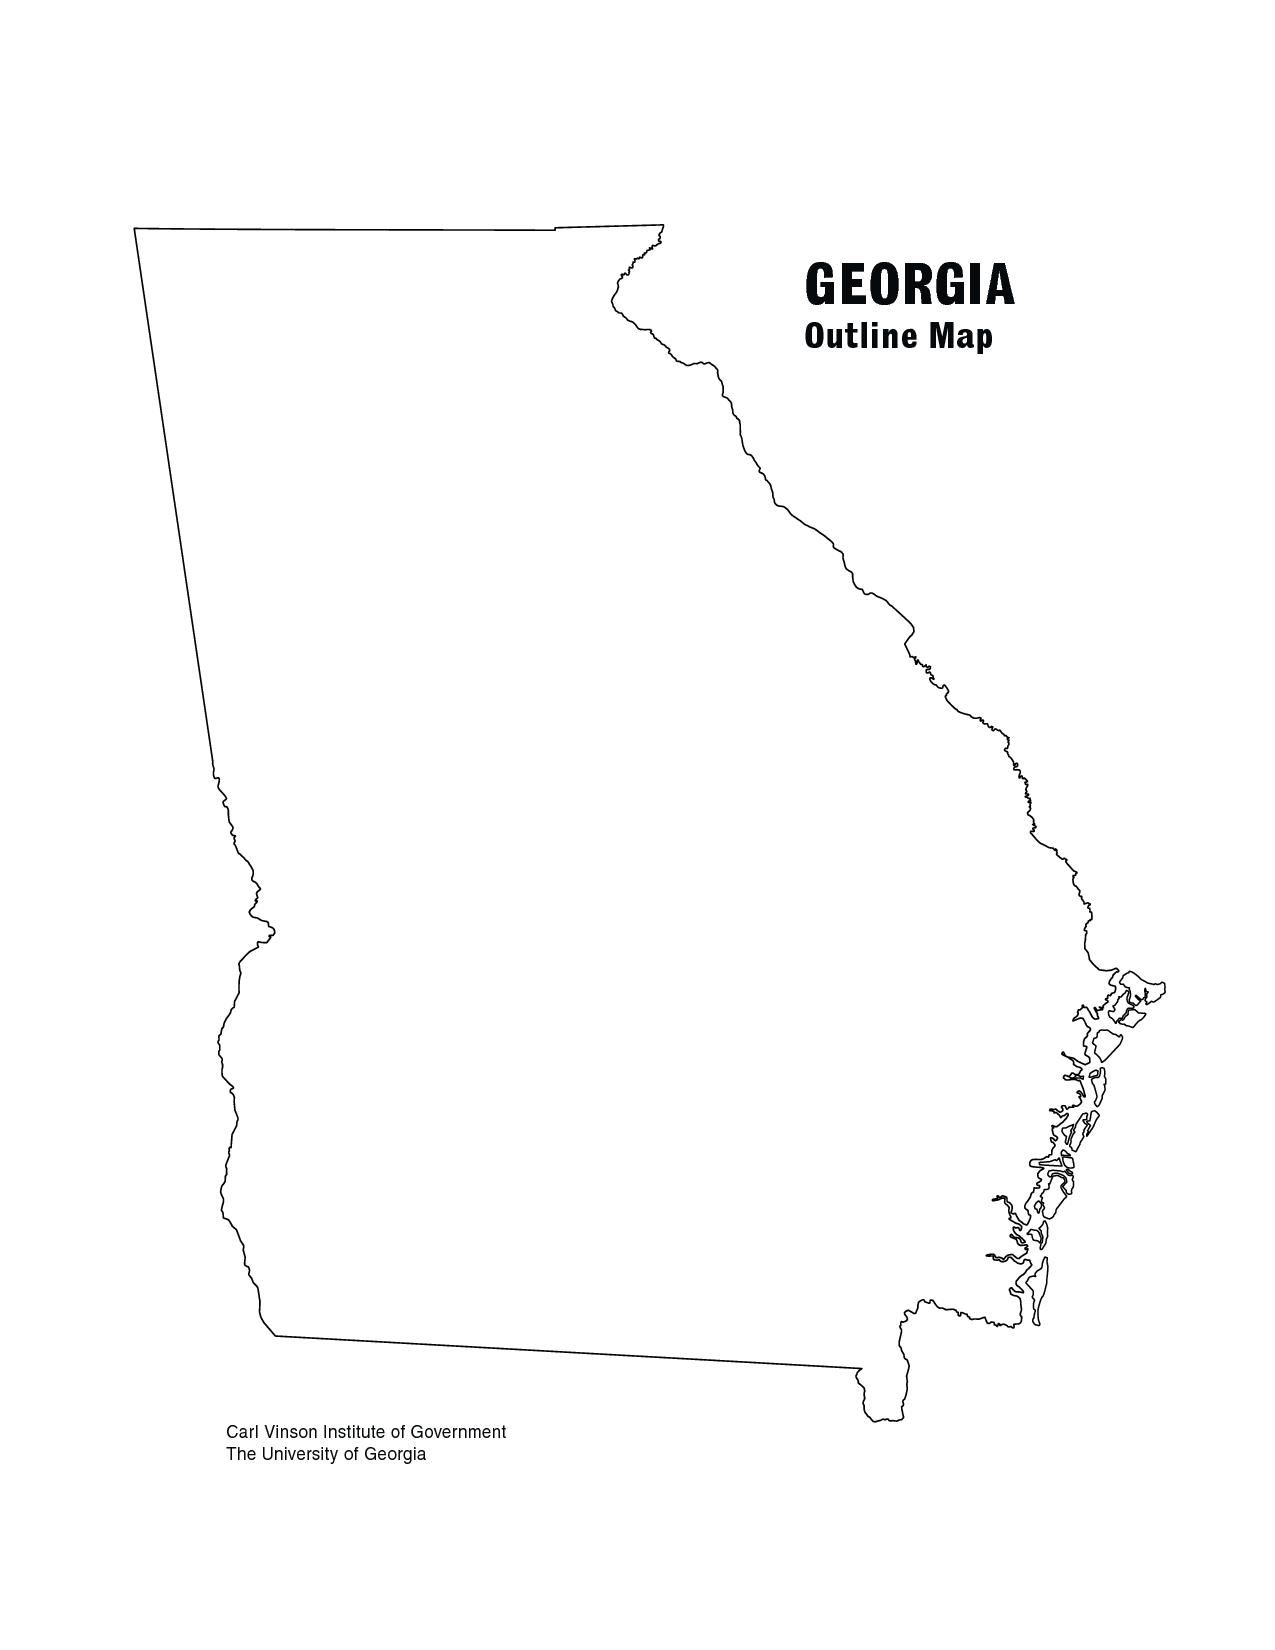 Georgia Outline GEORGIA Outline Map PDF Photos Pinterest - State of georgia map outline